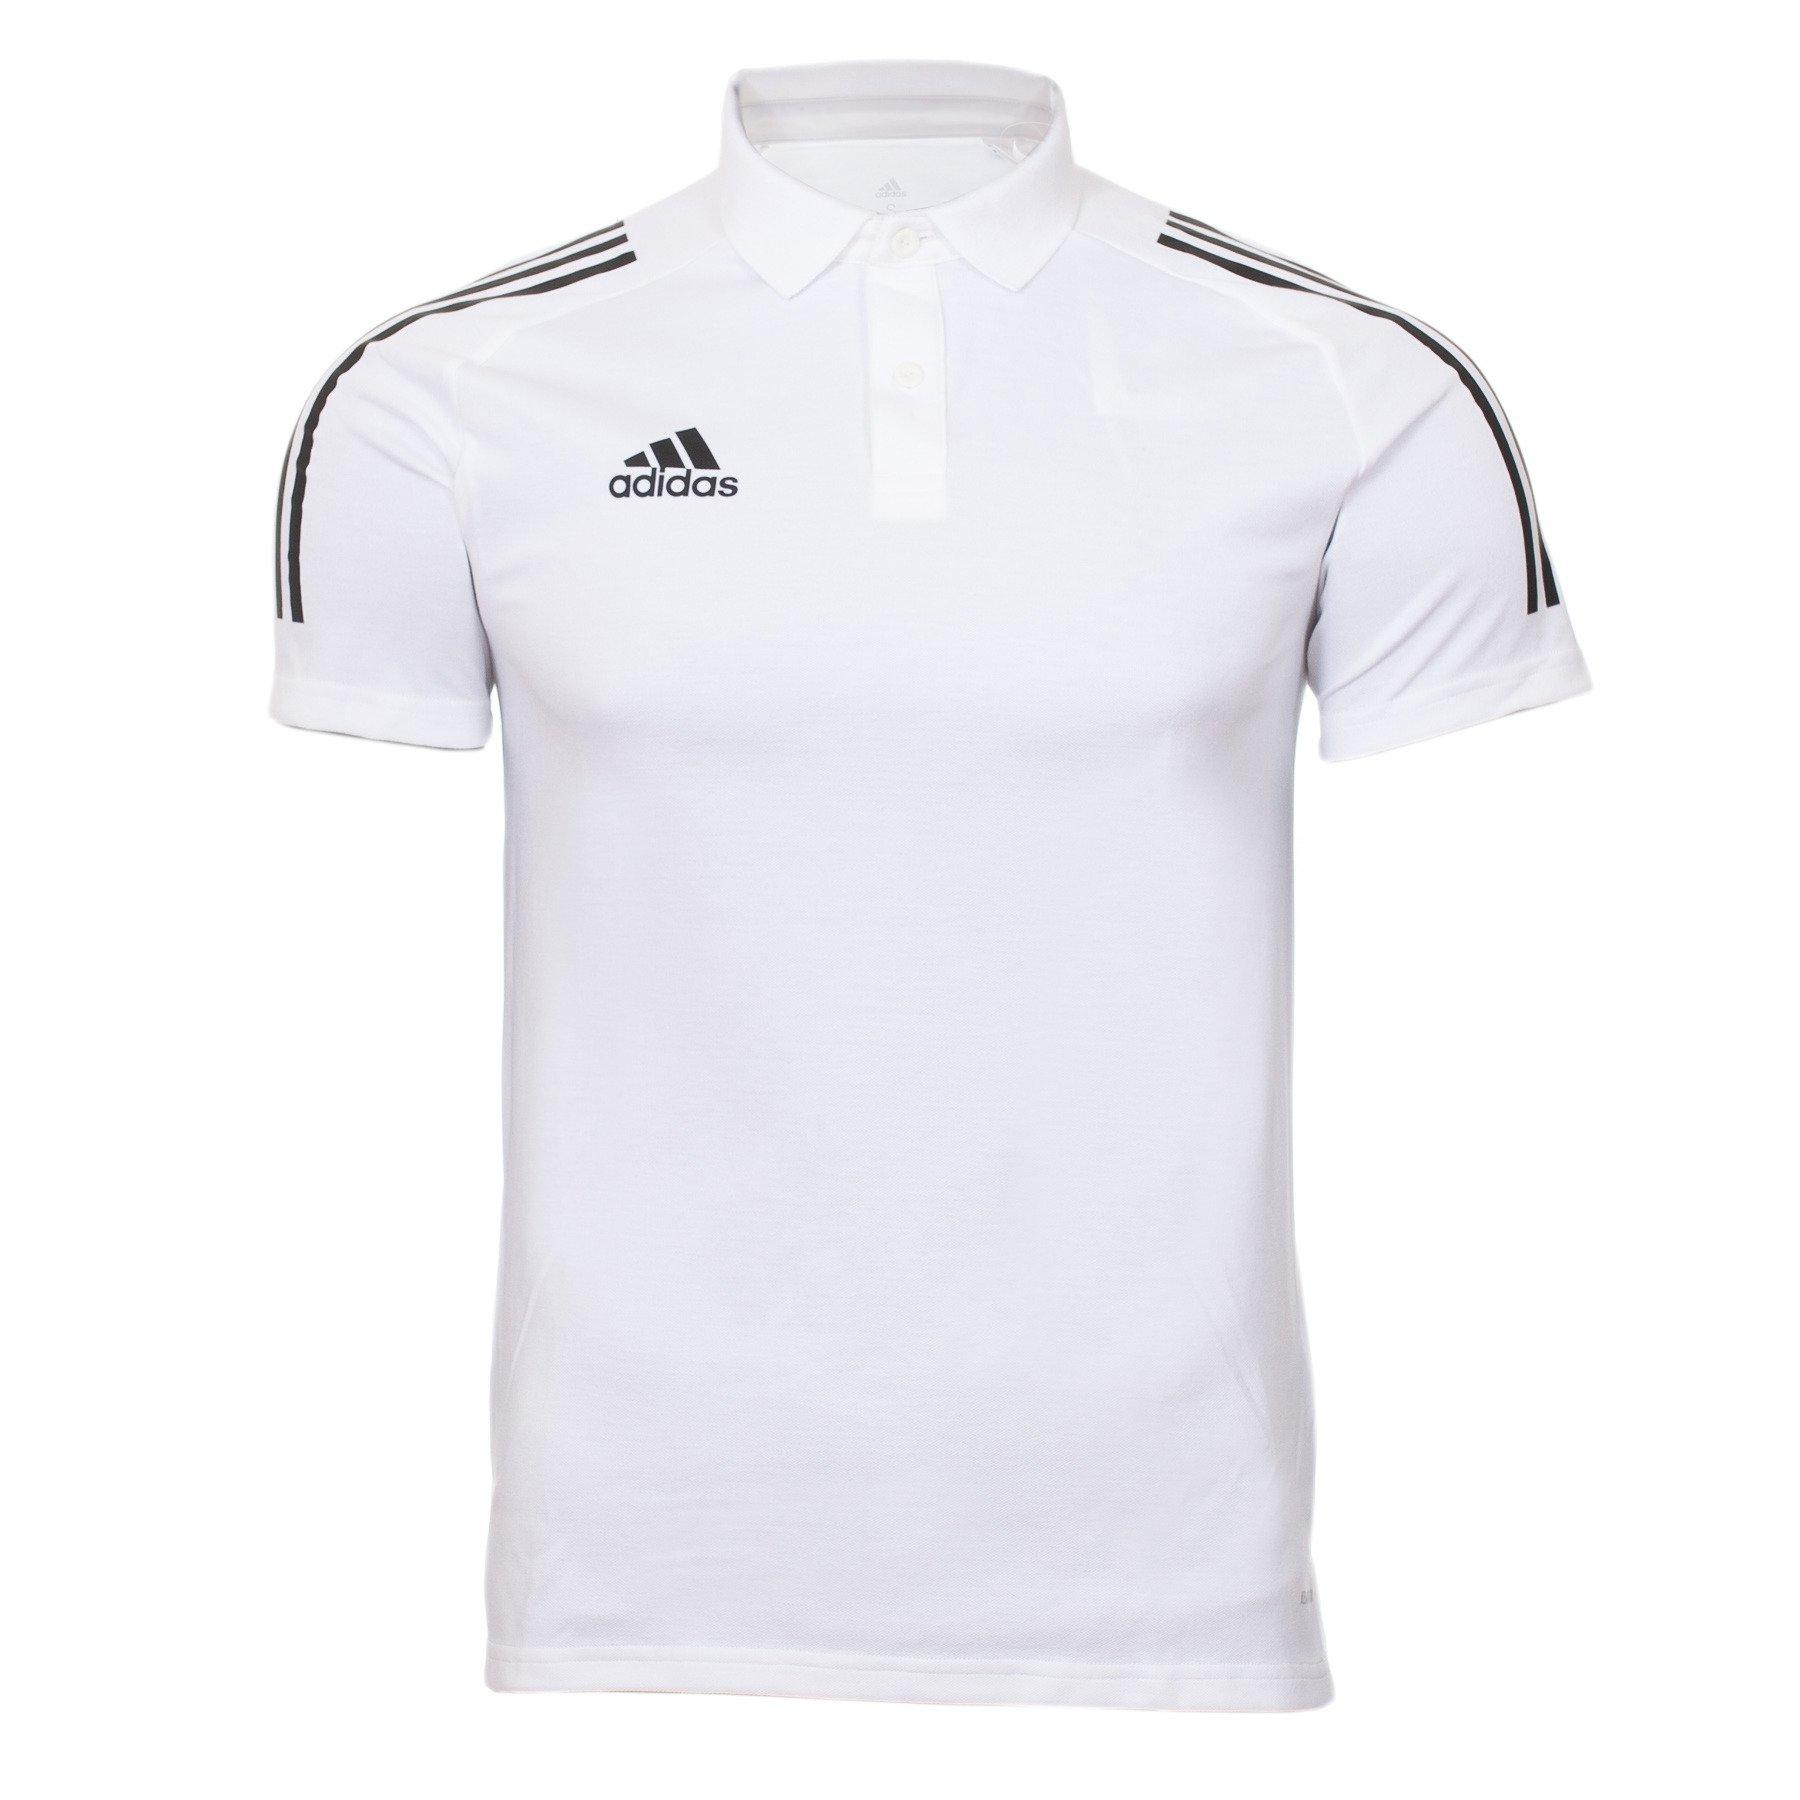 adidas koszulki polo